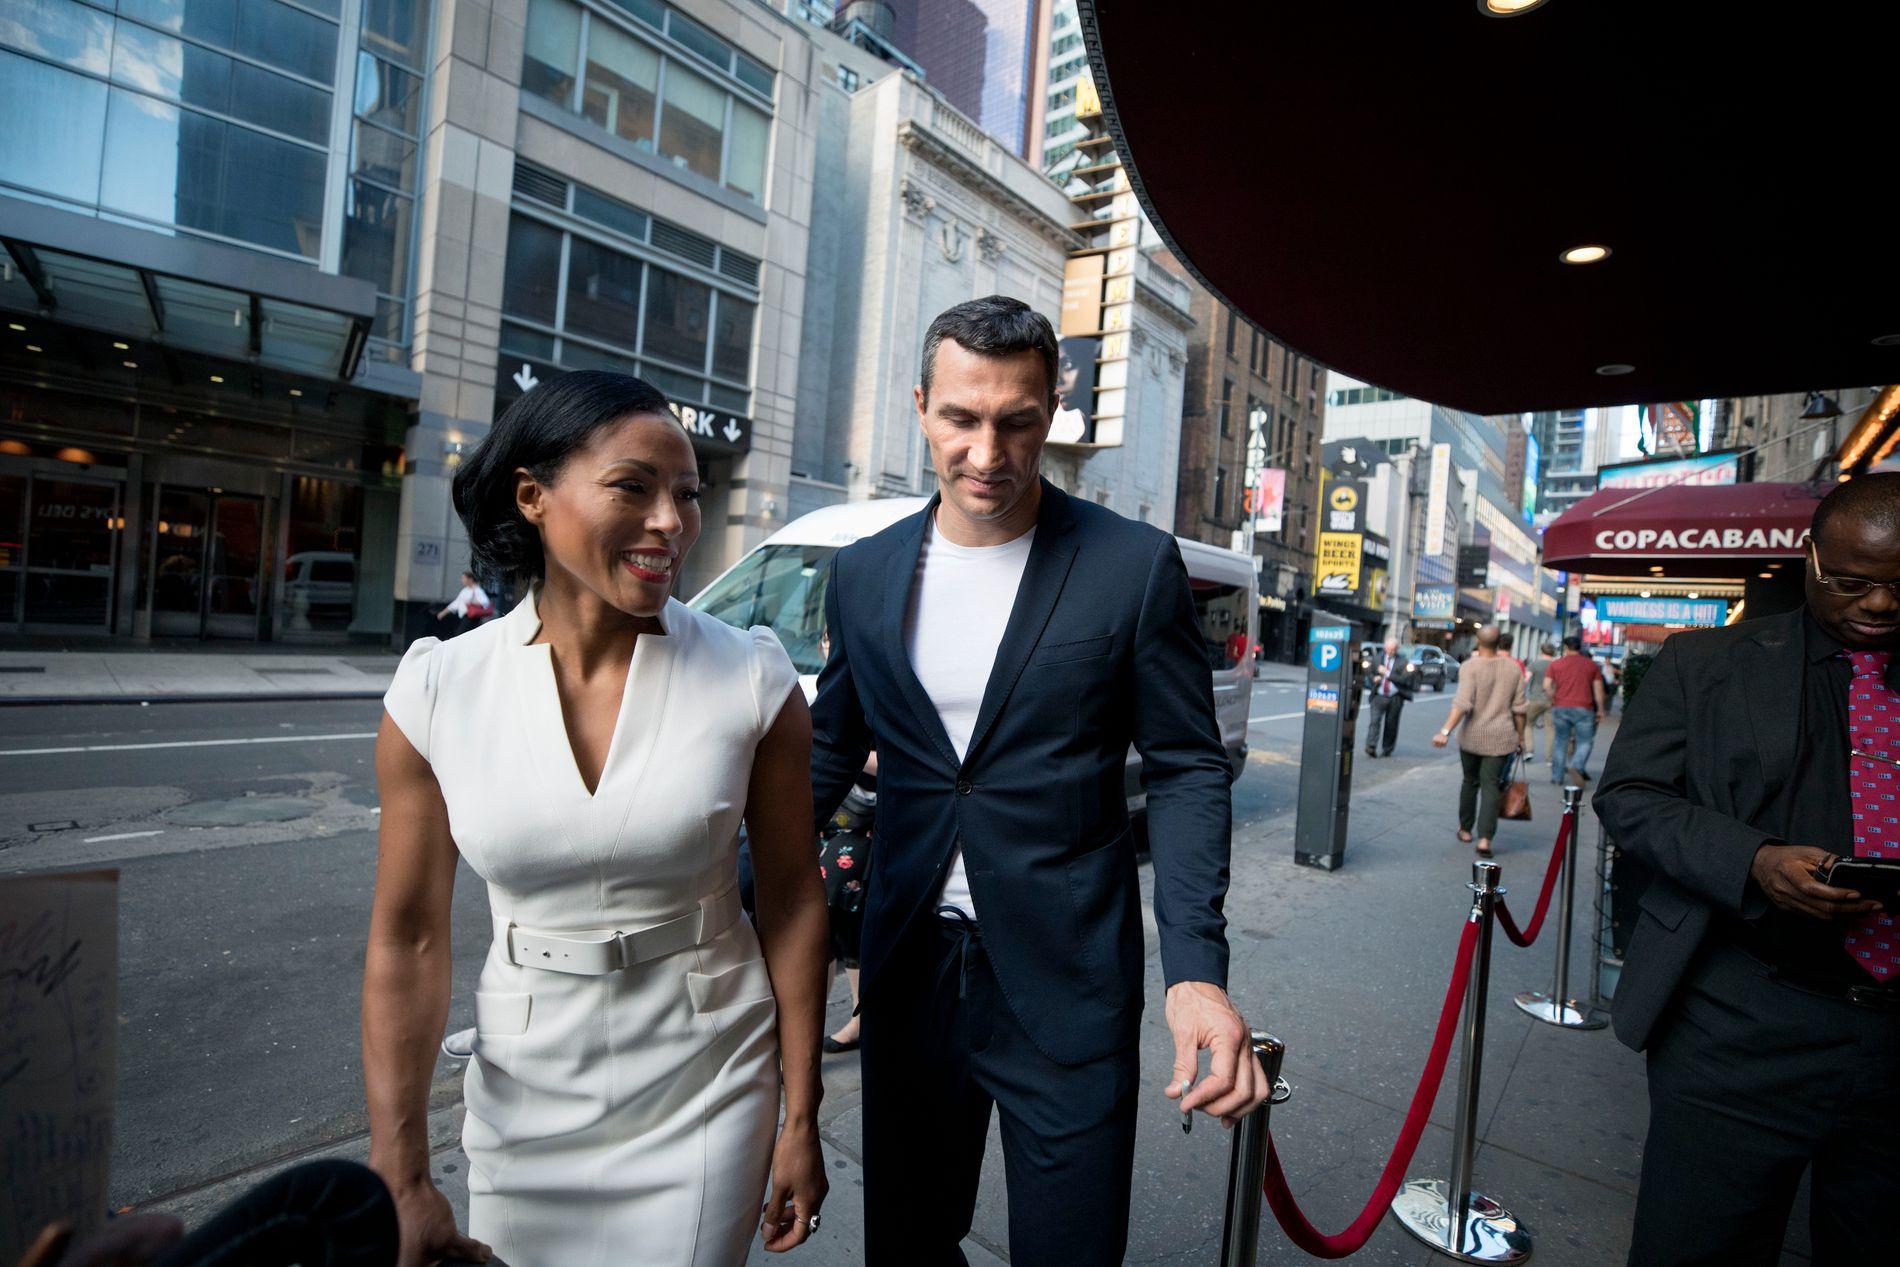 PÅ FEST: Cecilia Brækhus og Vladimir Klitsjko kom sammen til det høytidelige arrangementet i New York. Klitsjko er dobbelt verdensmester i tungvektsboksing, men la opp i fjor.